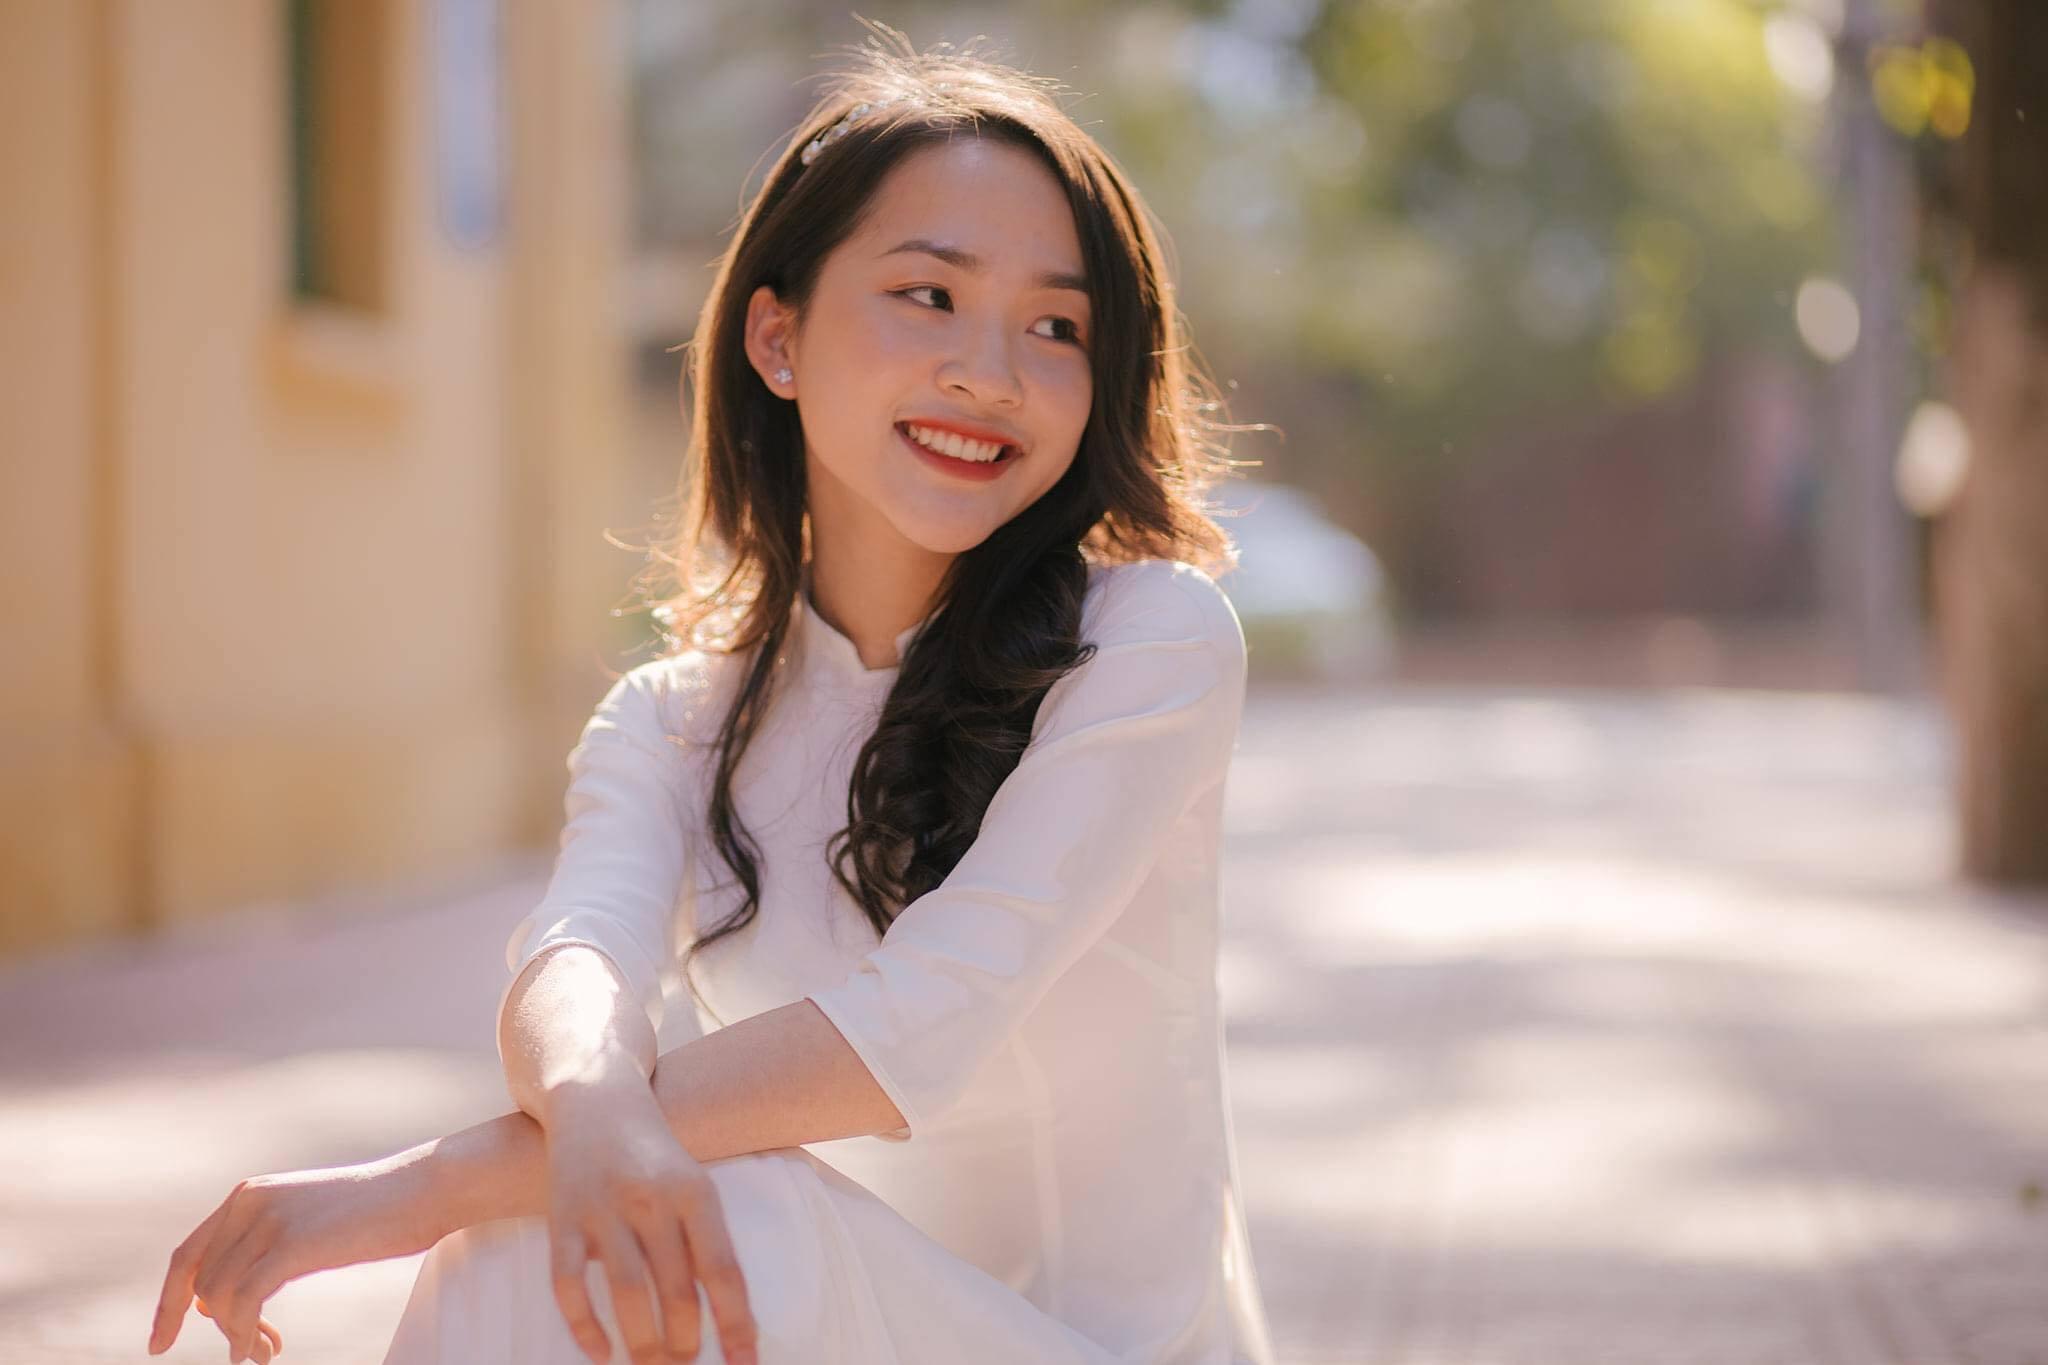 Nữ sinh trường Kinh tế có gương mặt đẹp 'không góc chết' cùng thành tích học tập đáng mơ ước